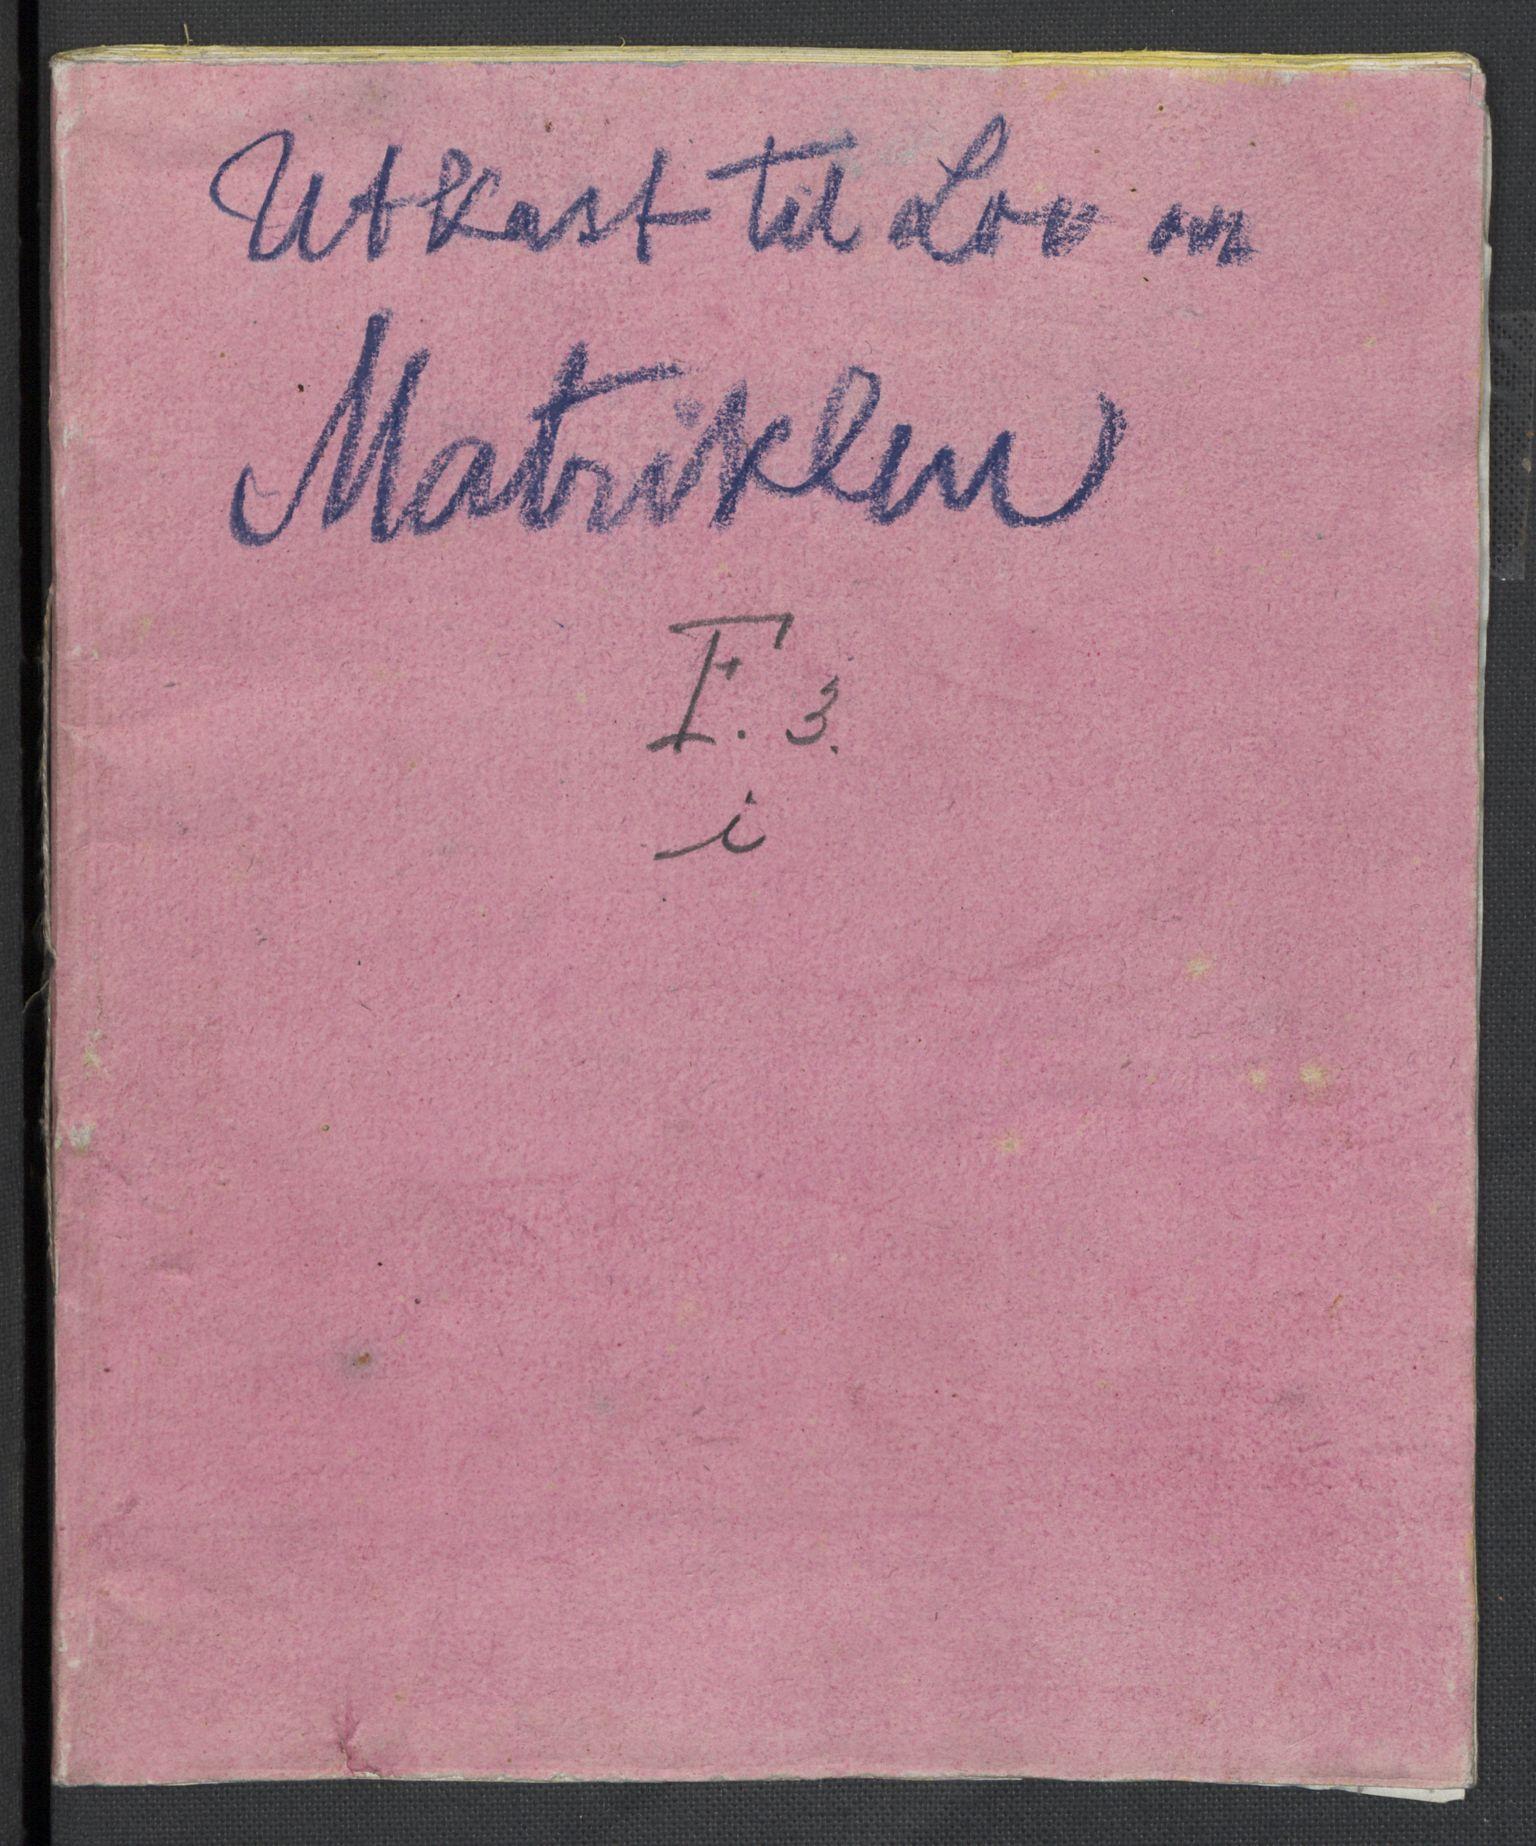 RA, Christie, Wilhelm Frimann Koren, F/L0006, 1817-1818, s. 417